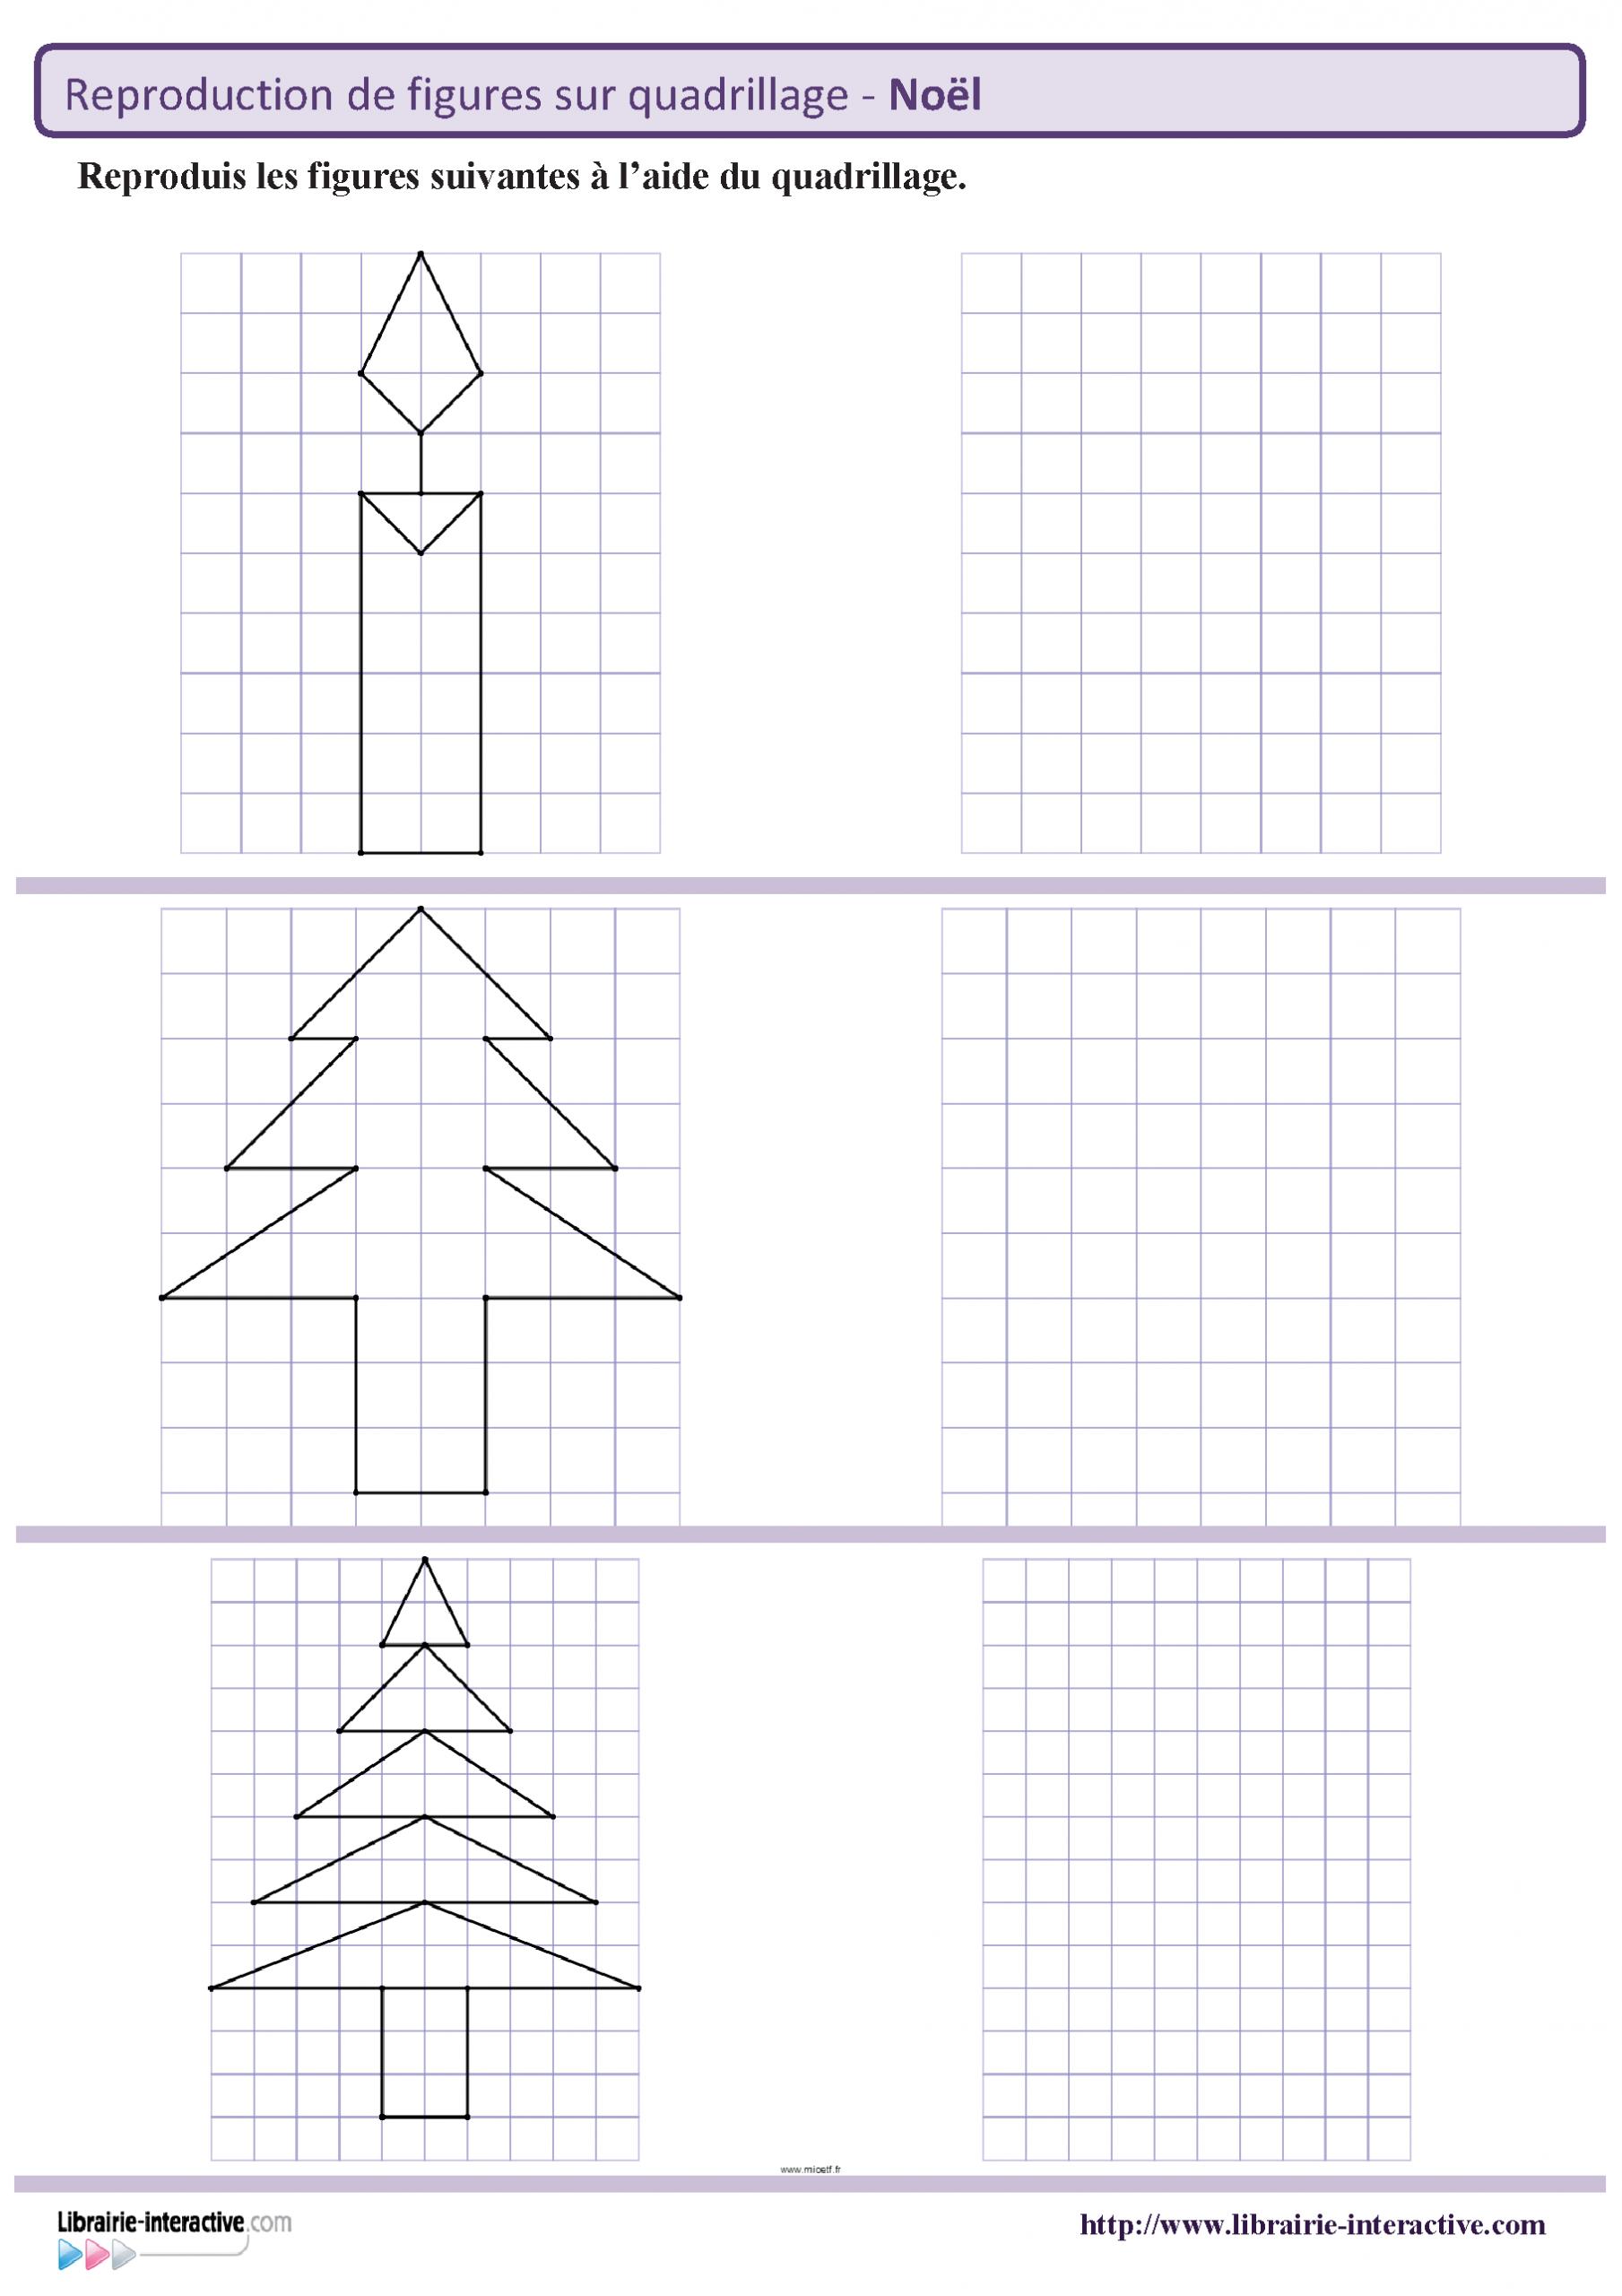 Des Figures Géométriques Sur Le Thème De Noël À Reproduire dedans Reproduction Quadrillage Ce1